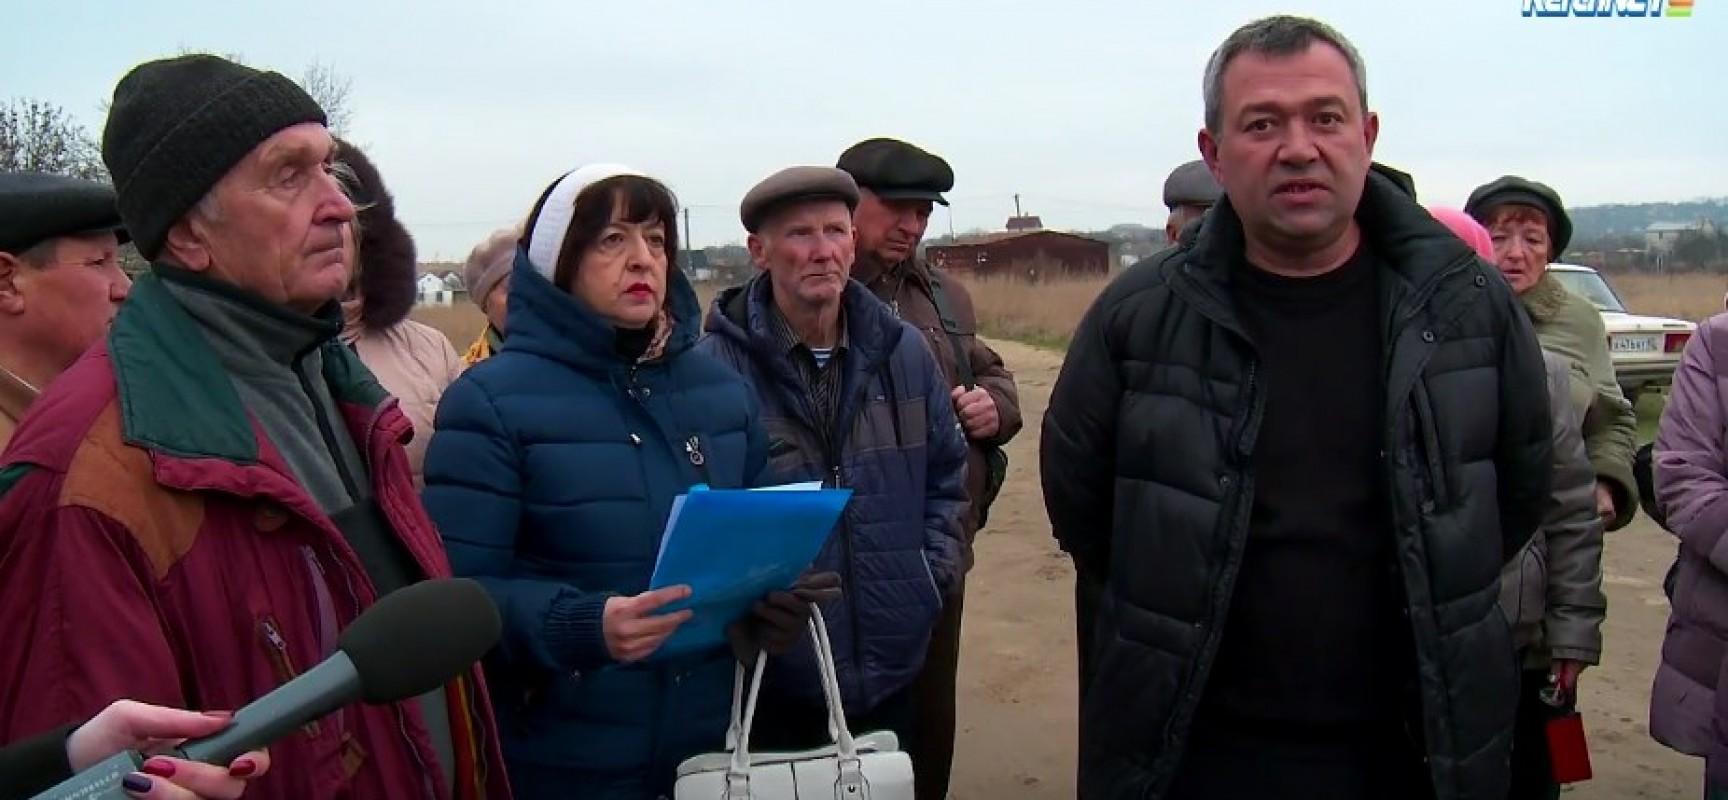 Керчь. Дачникам кооператива «Залив» пообещали компенсацию за отчуждение участков